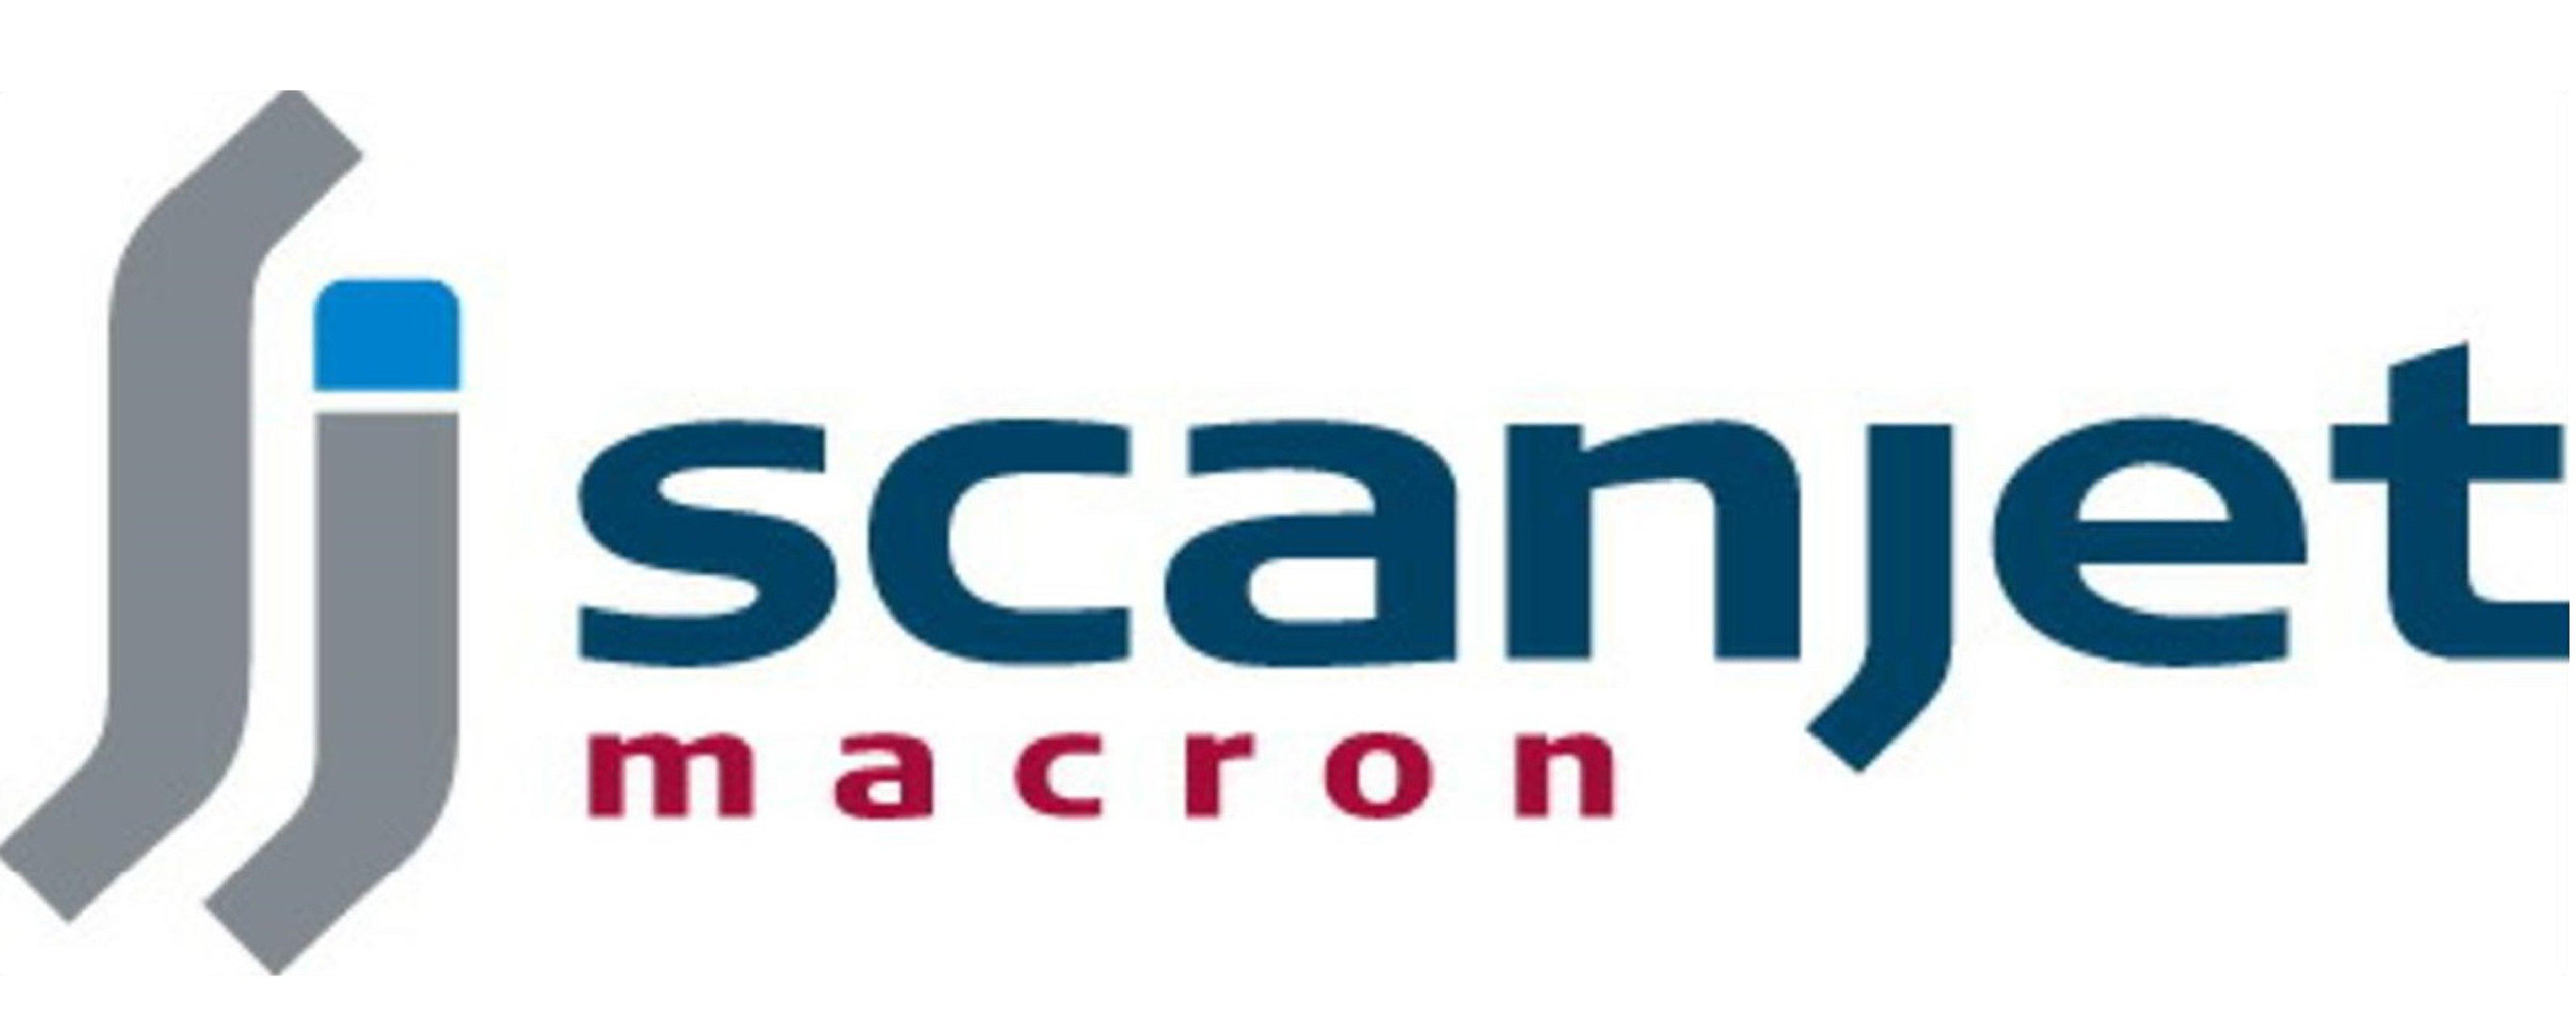 scanjet-macron log - 1mega